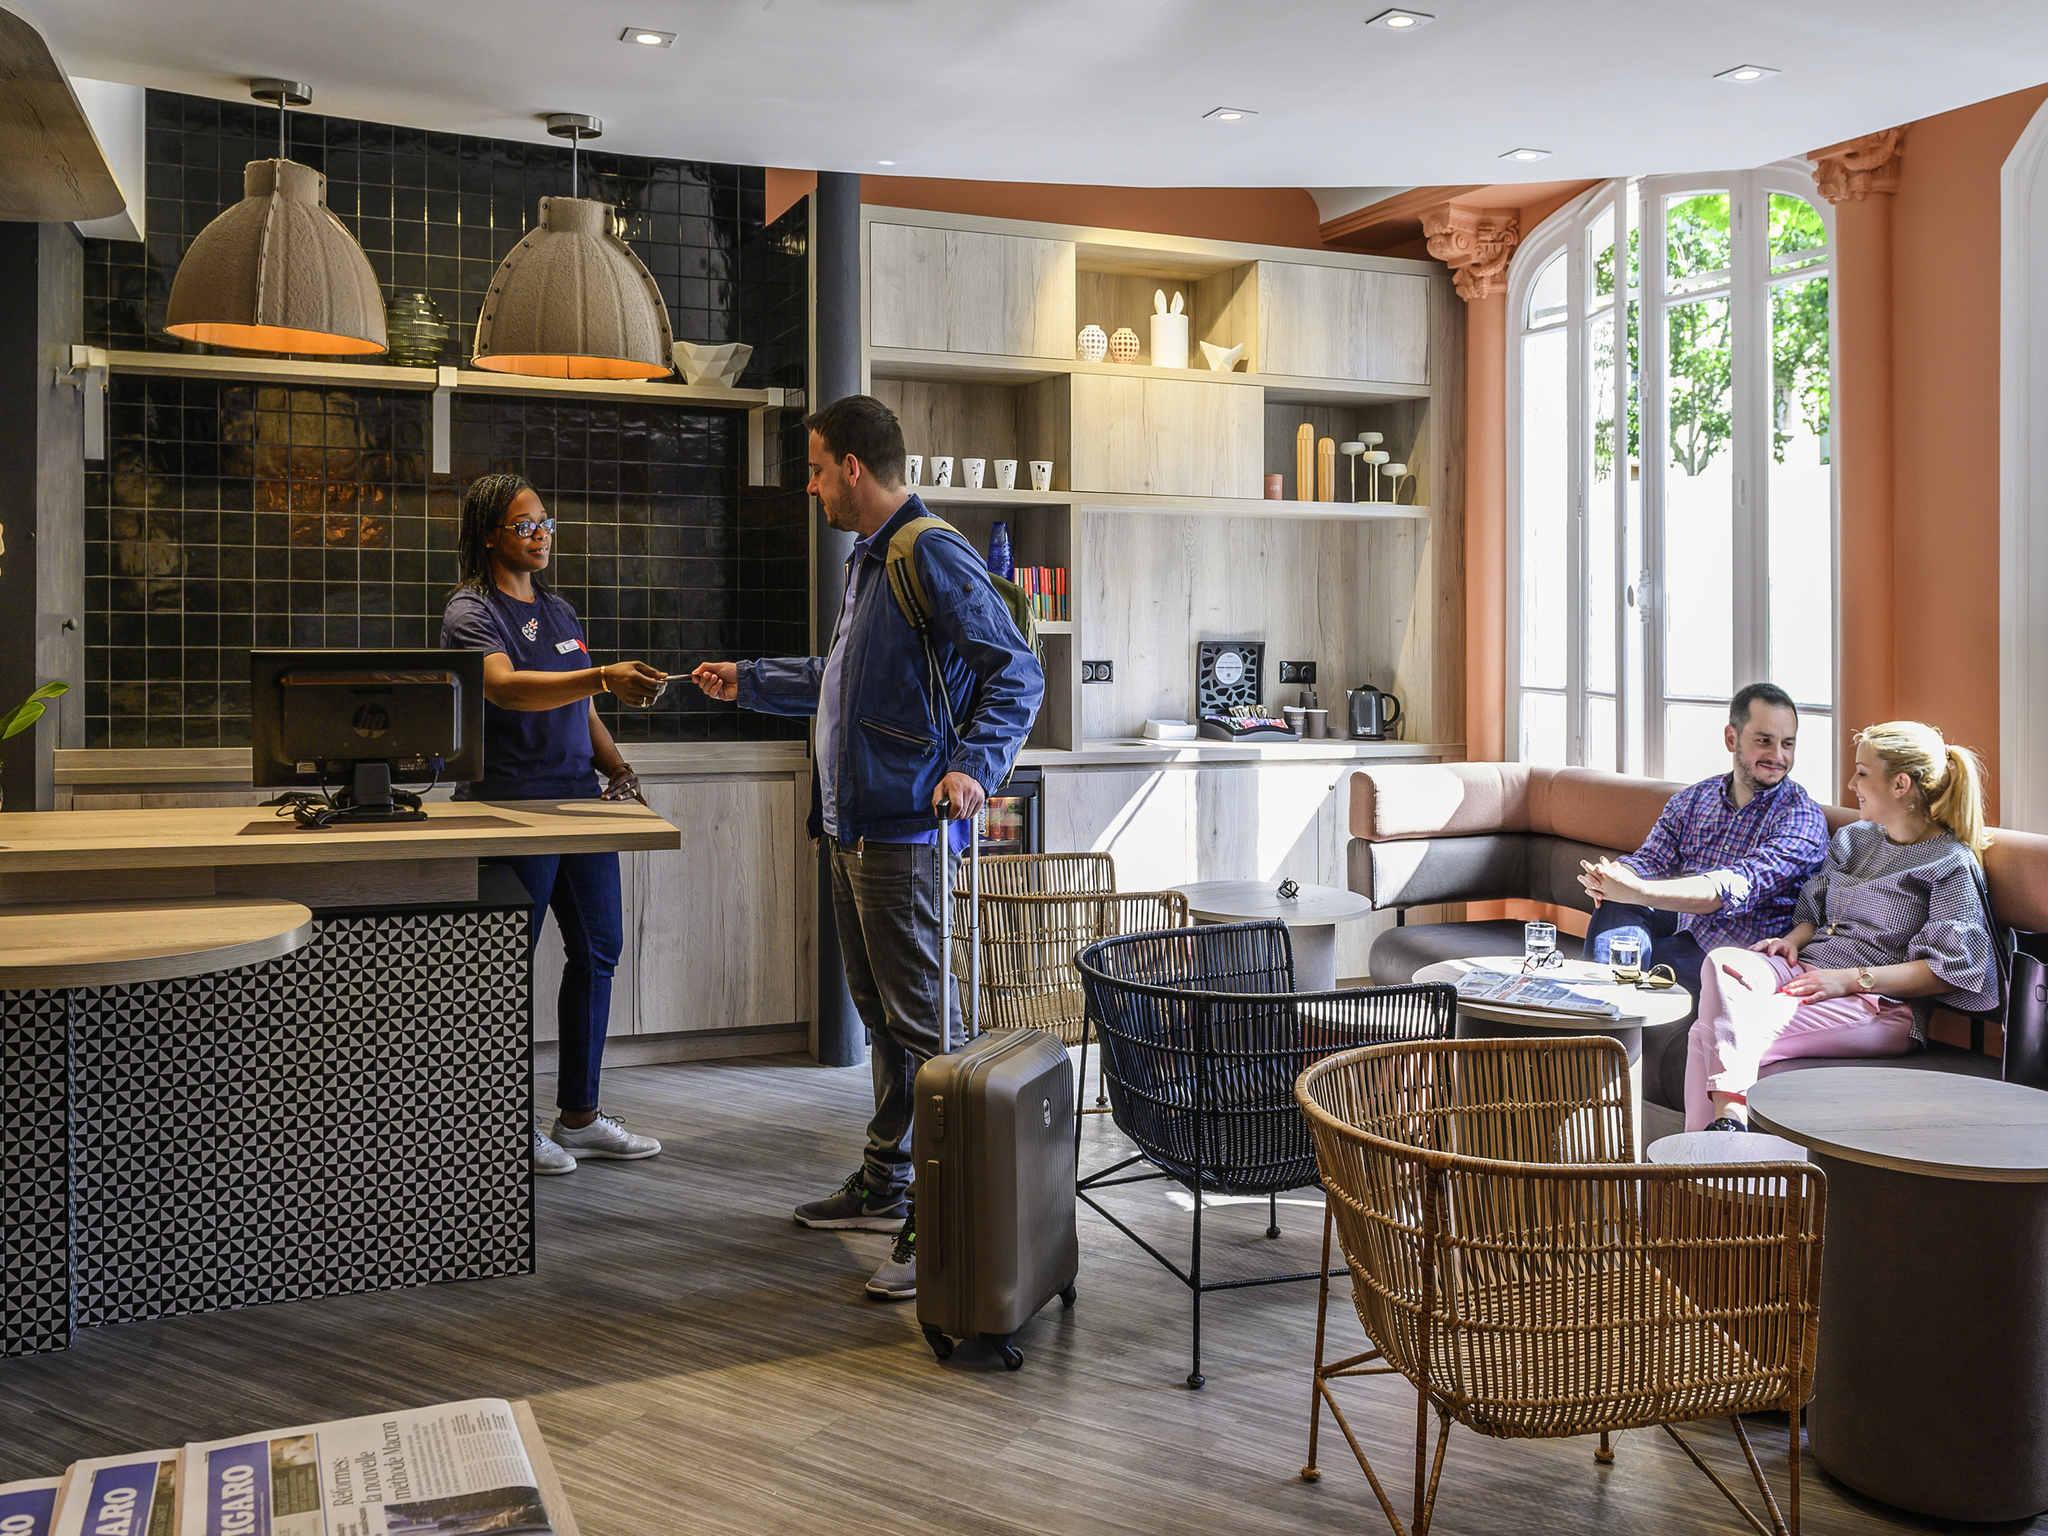 酒店 – 宜必思巴黎蒙帕纳斯大厦 15ème 酒店